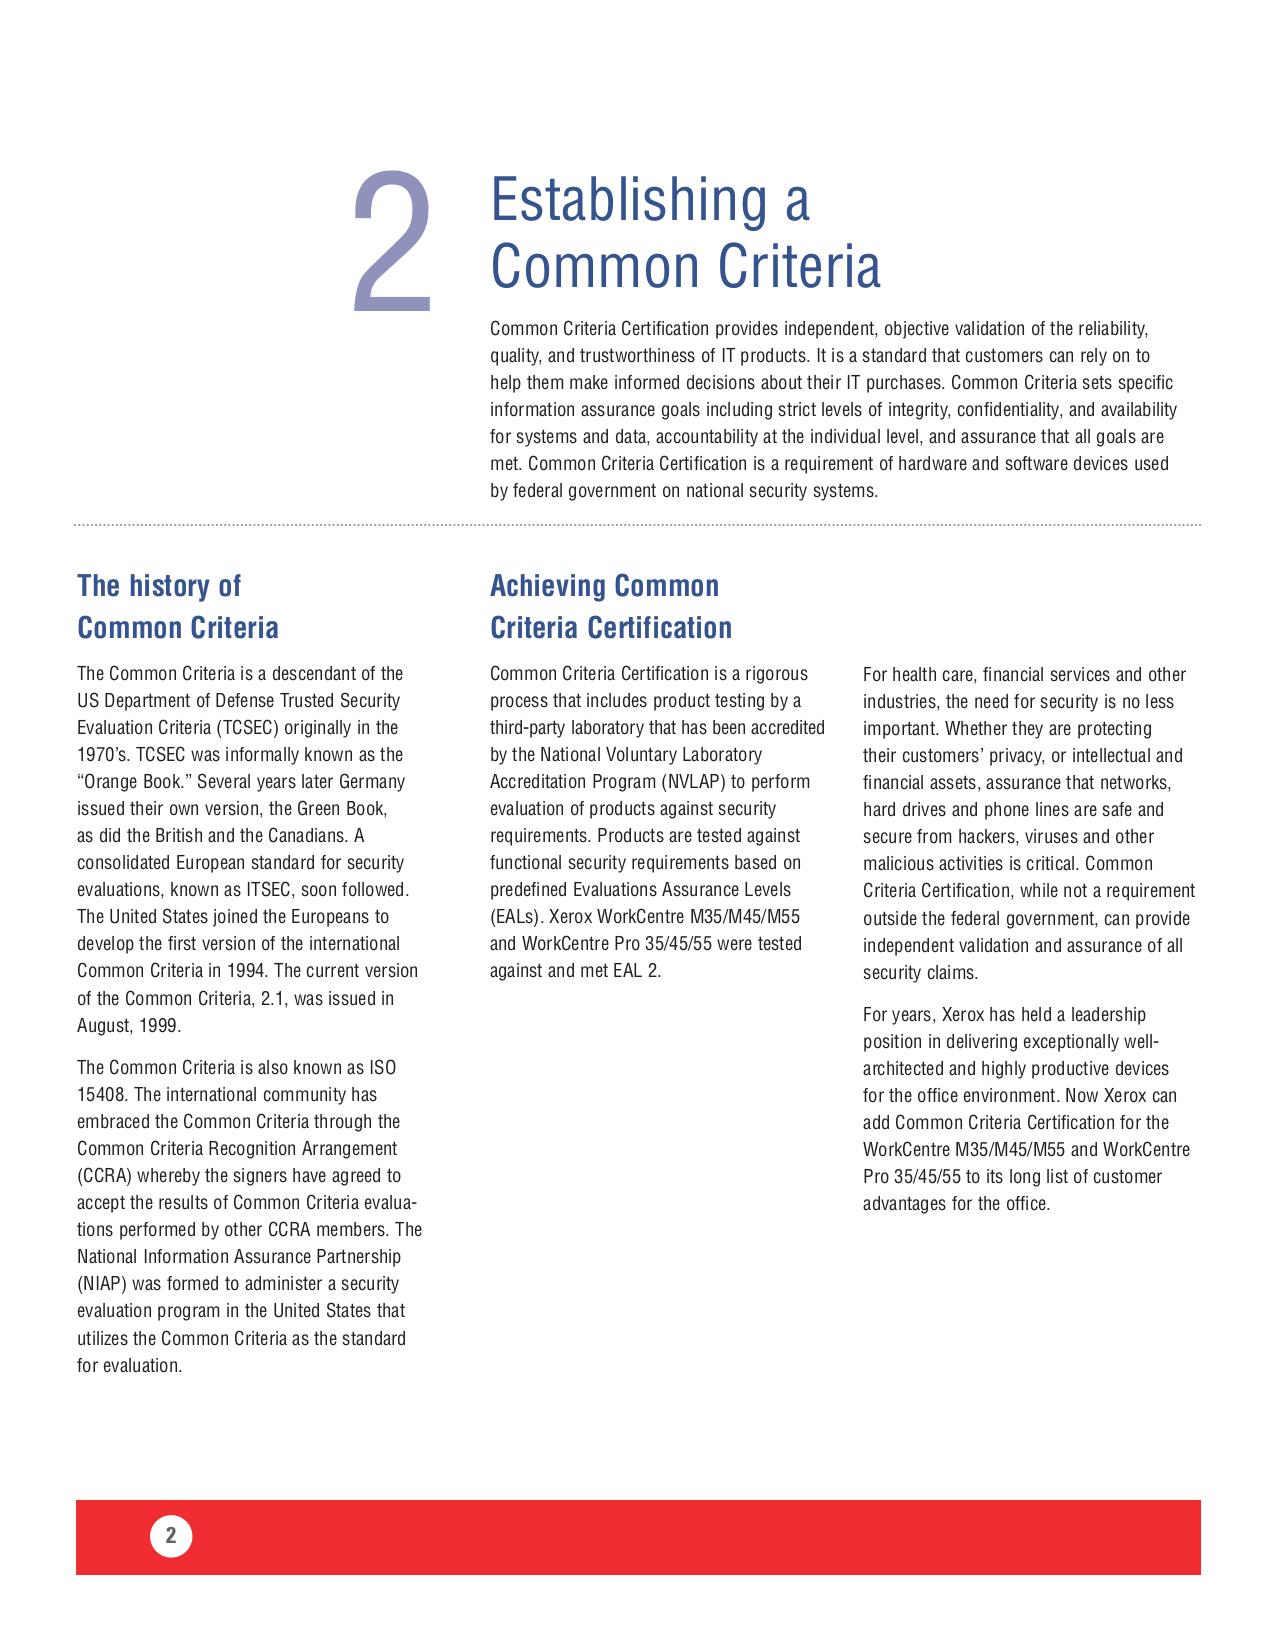 Pdf Manual For Xerox Copier Copycentre C75